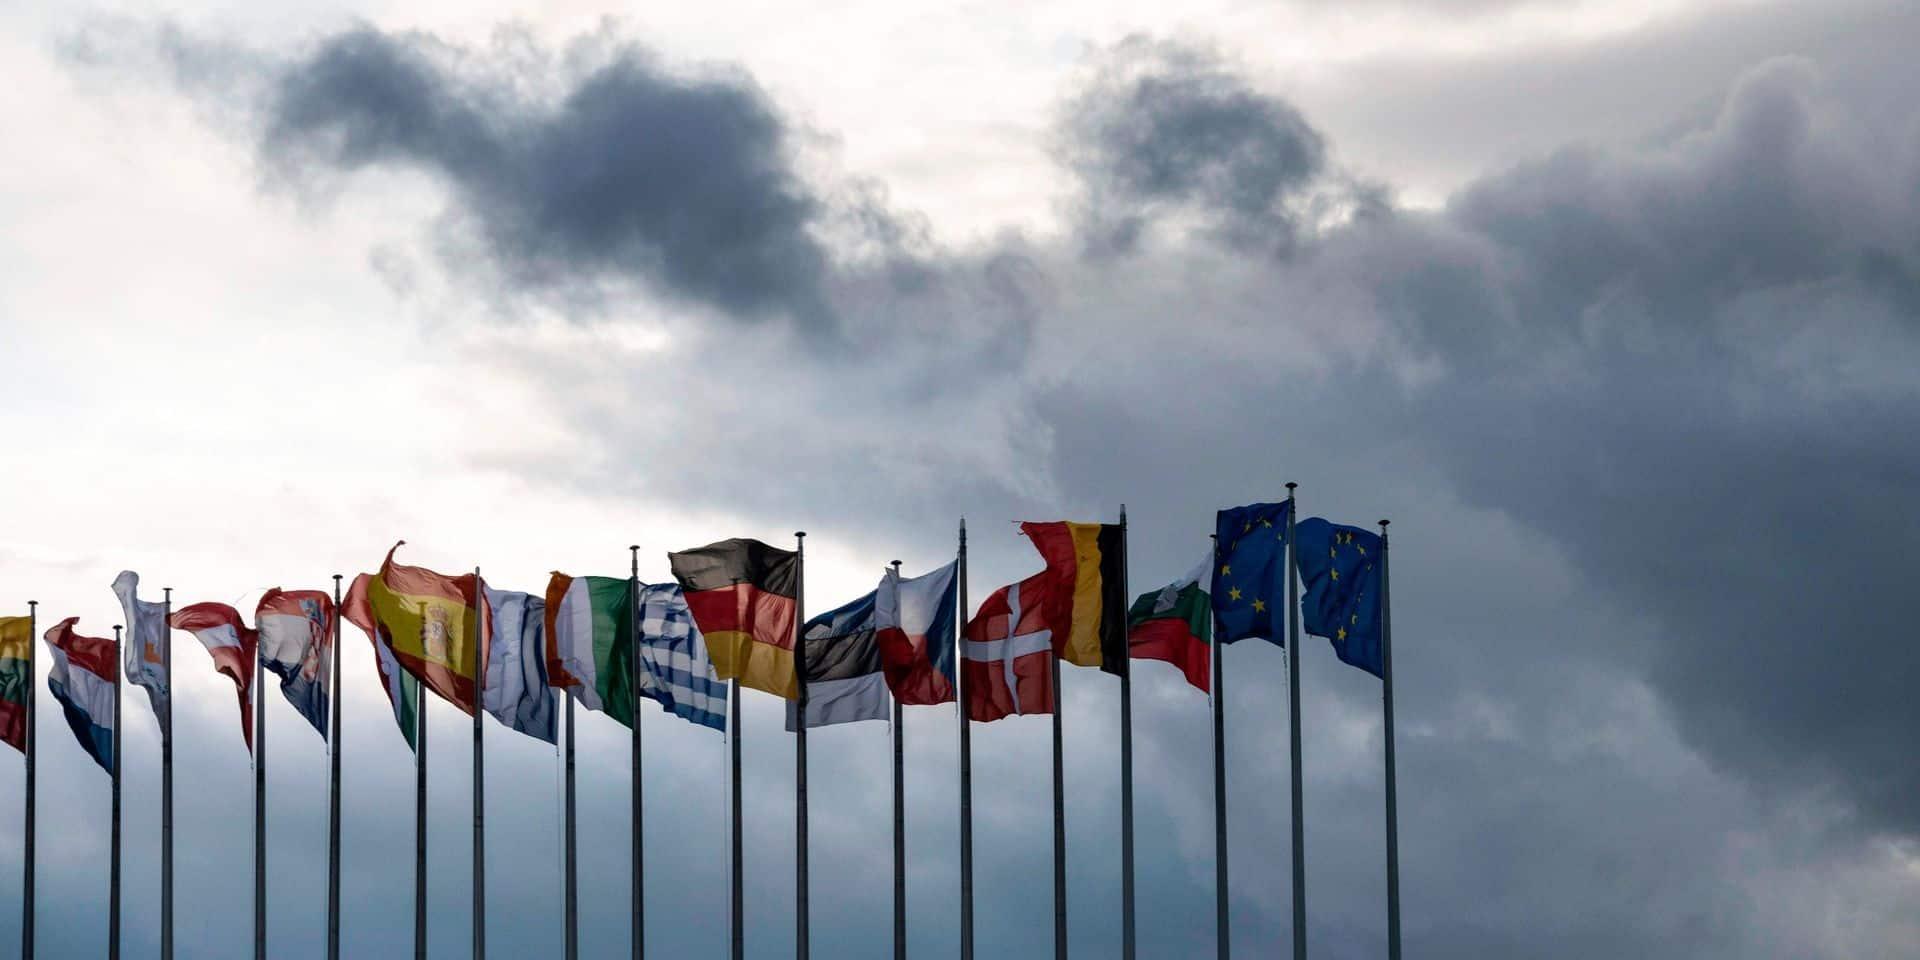 Le Parlement européen propose de réduire les émissions de 60 % d'ici 2030 et met la pression sur les Etats membres